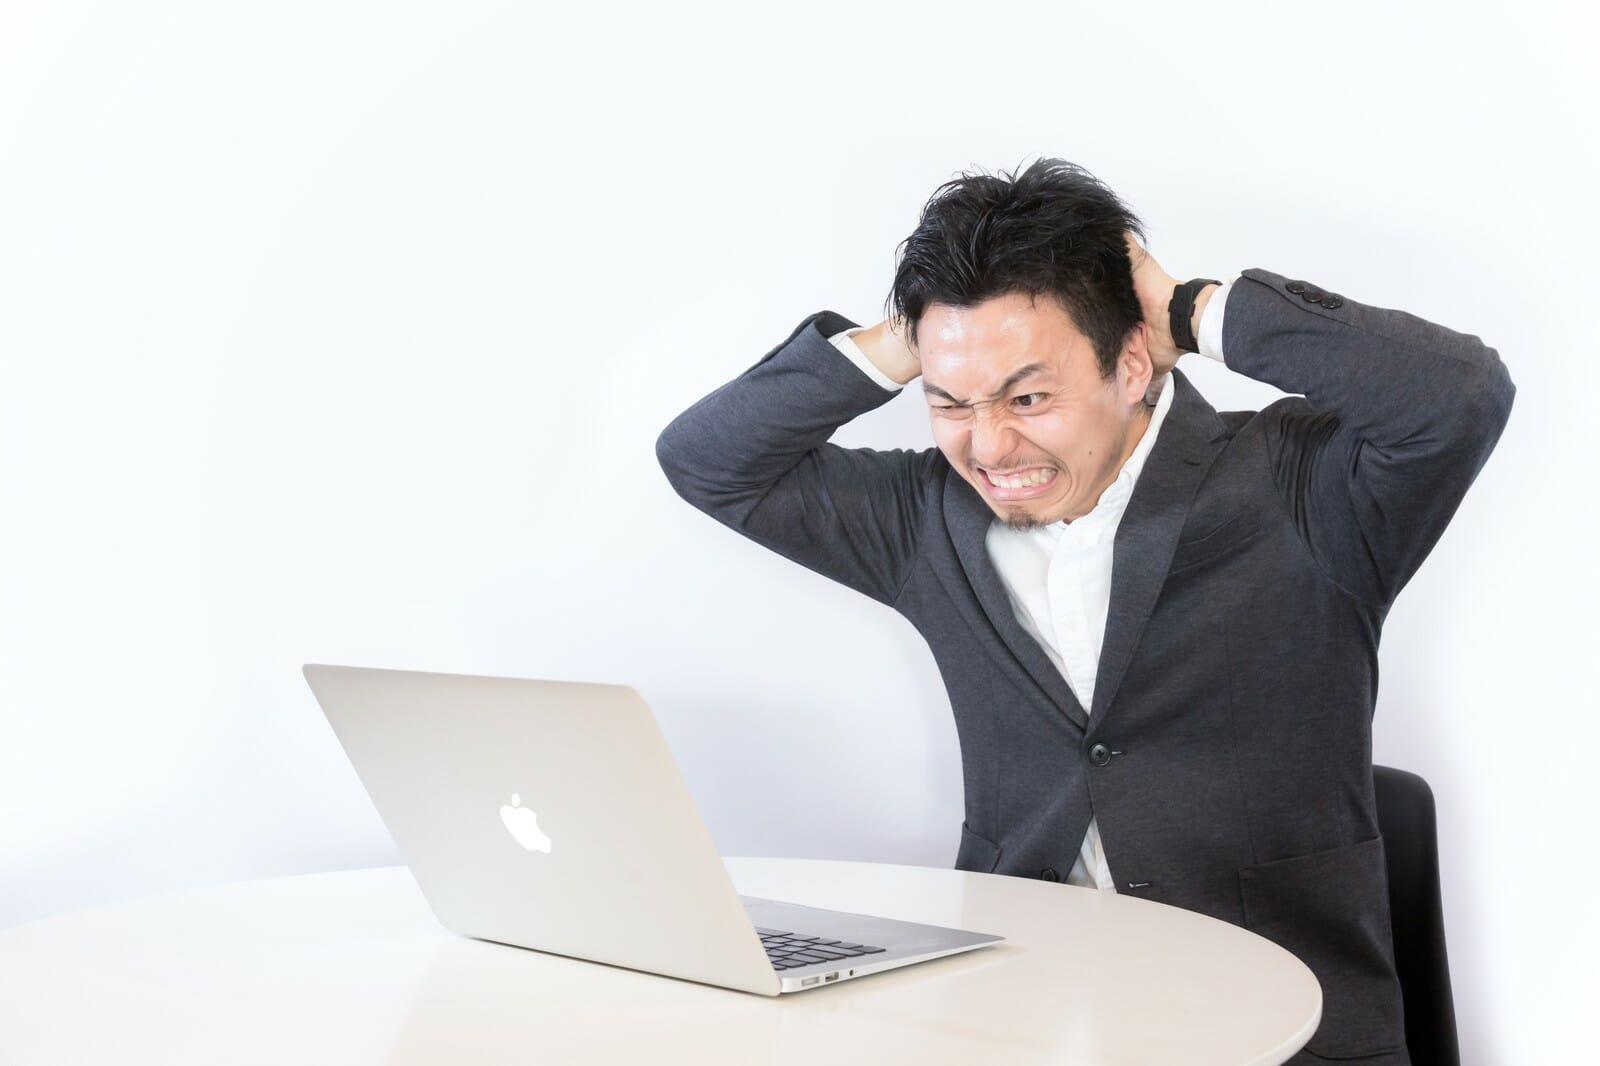 【株取引体験談】株を売ることができない恐怖感